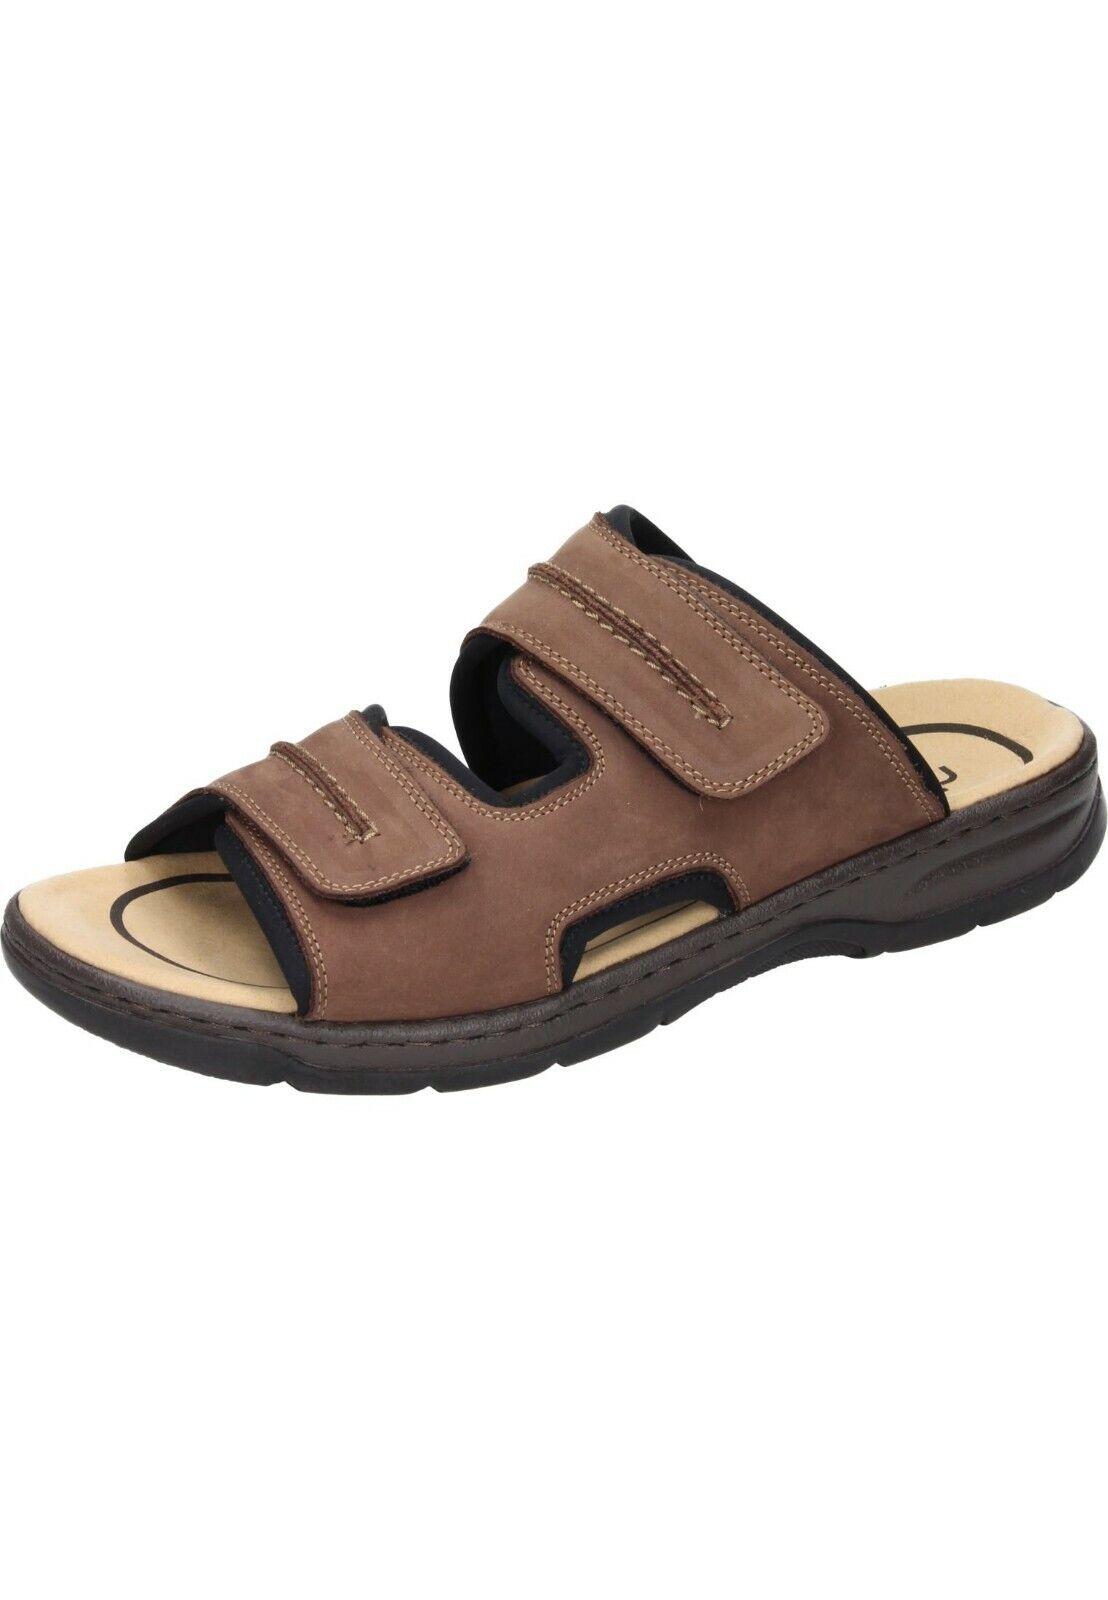 Rieker sandalias de cuero sandalias zapatos caballero marrón 40-46 26268-25 neu19